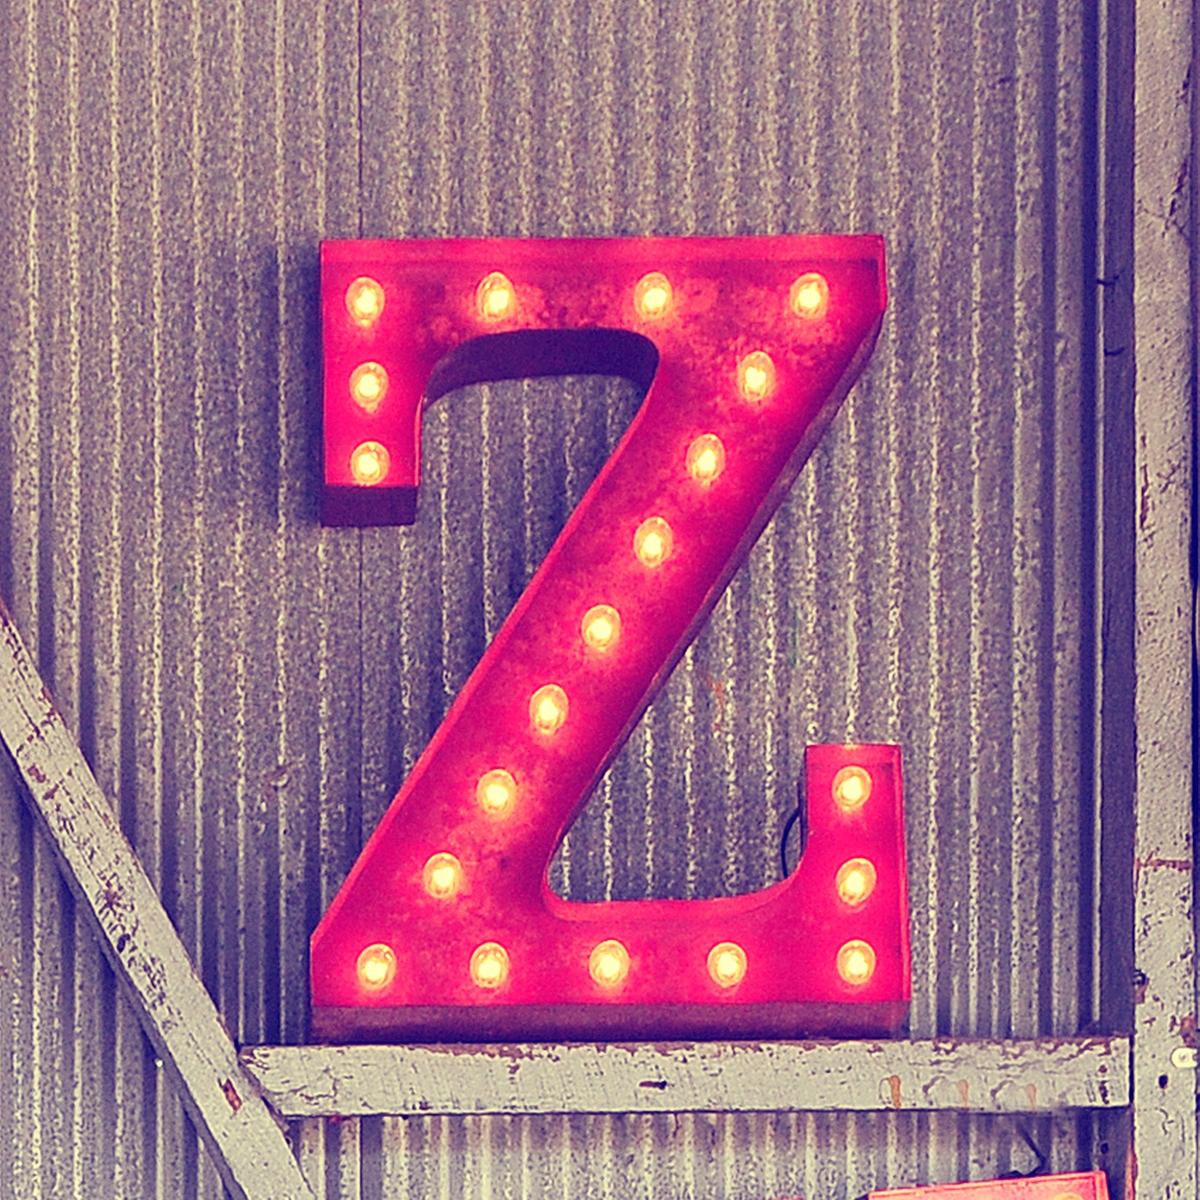 صورة صور عن حرف z , بتدوري على صورة مكتوب فيها حروف معينة